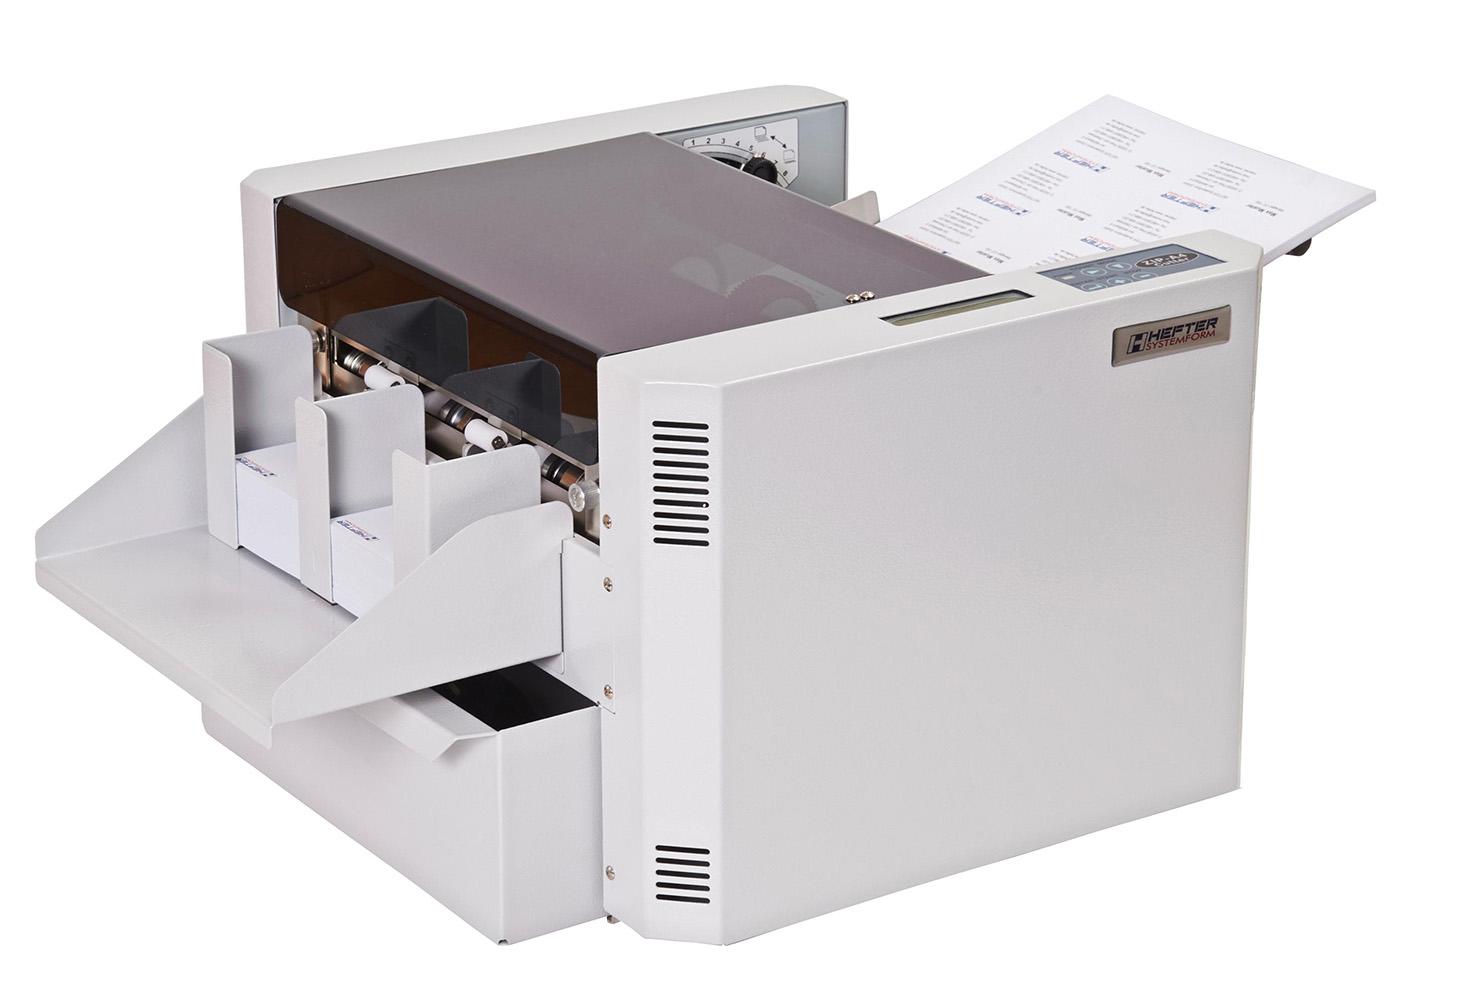 Hefter CC-150